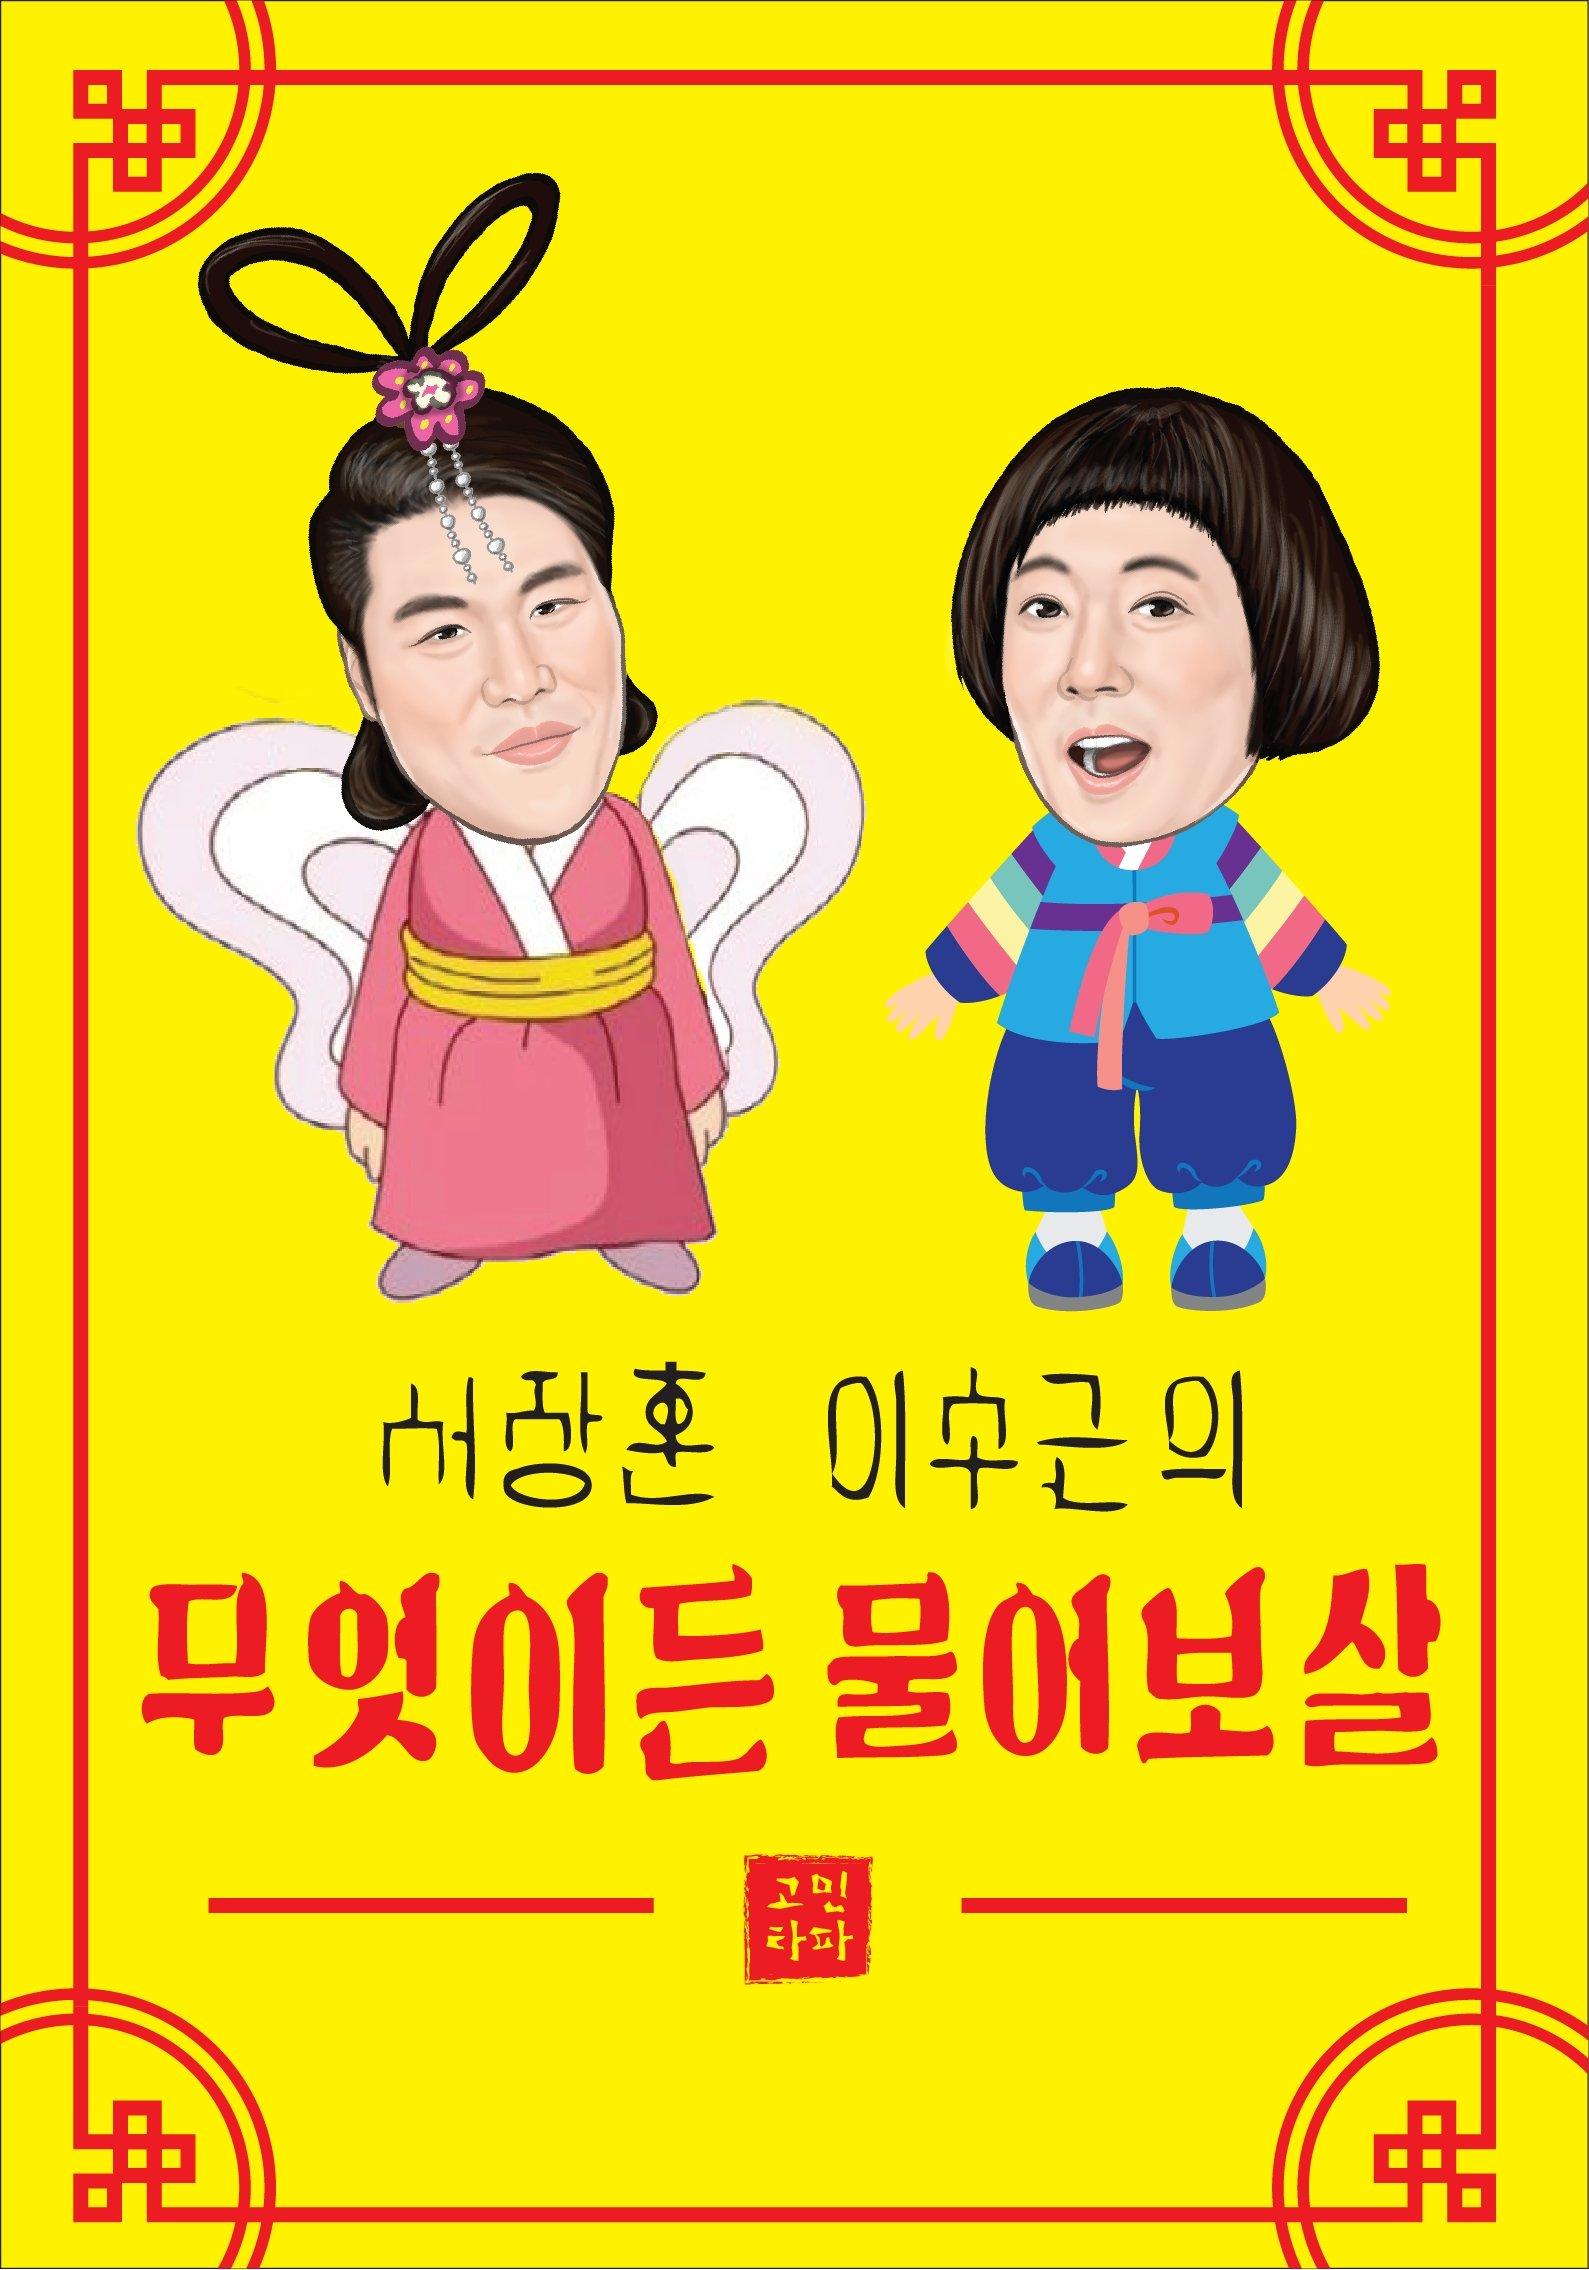 서장훈X이수근 `무엇이든 물어보살` 25일 첫방송 - 스타투데이